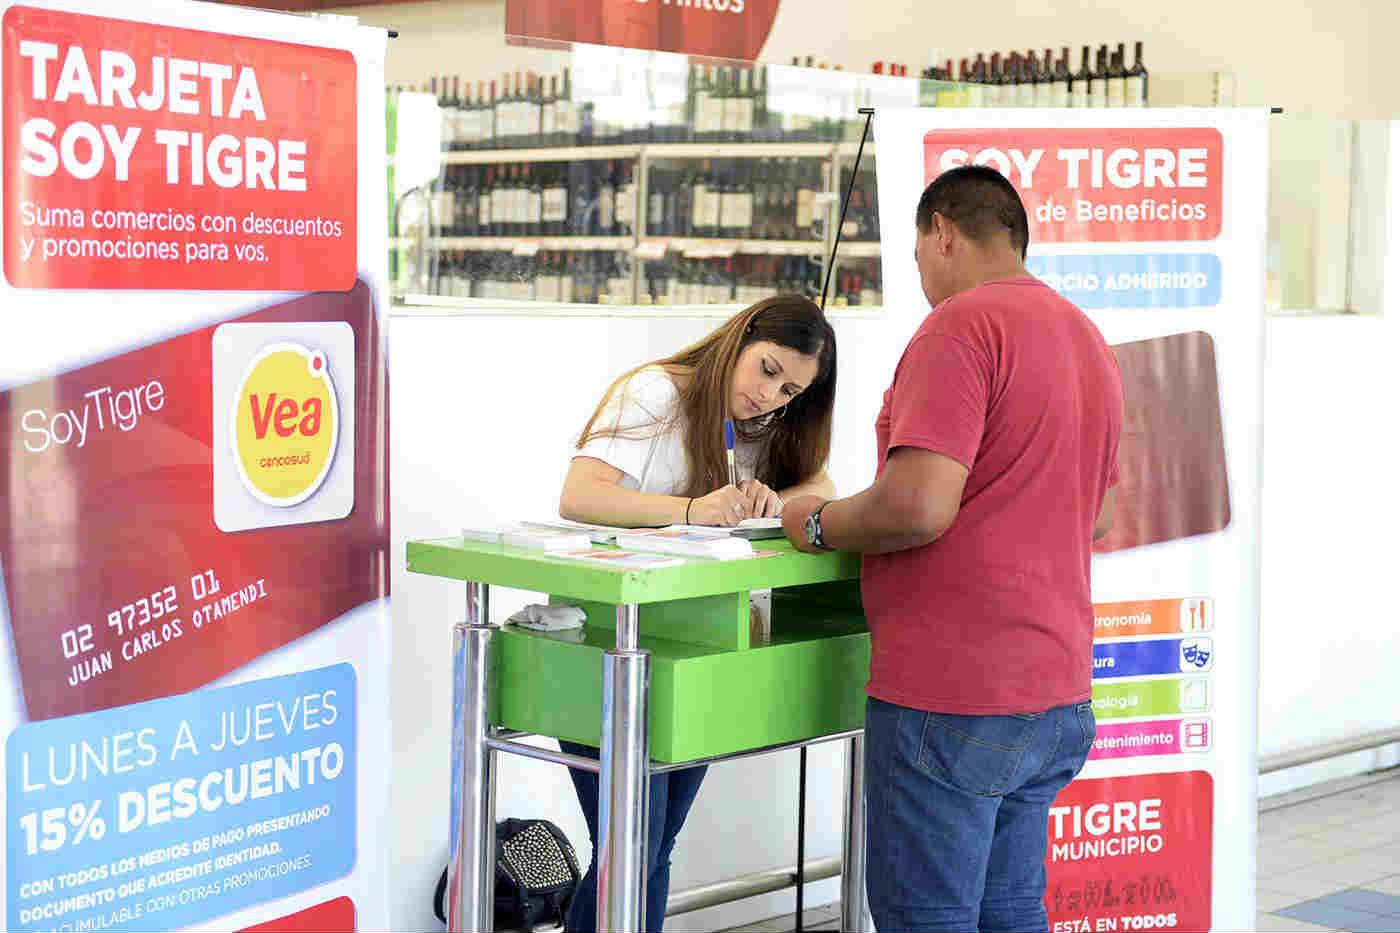 Más de 5 mil personas ya tramitaron su tarjeta Soy Tigre en 2019